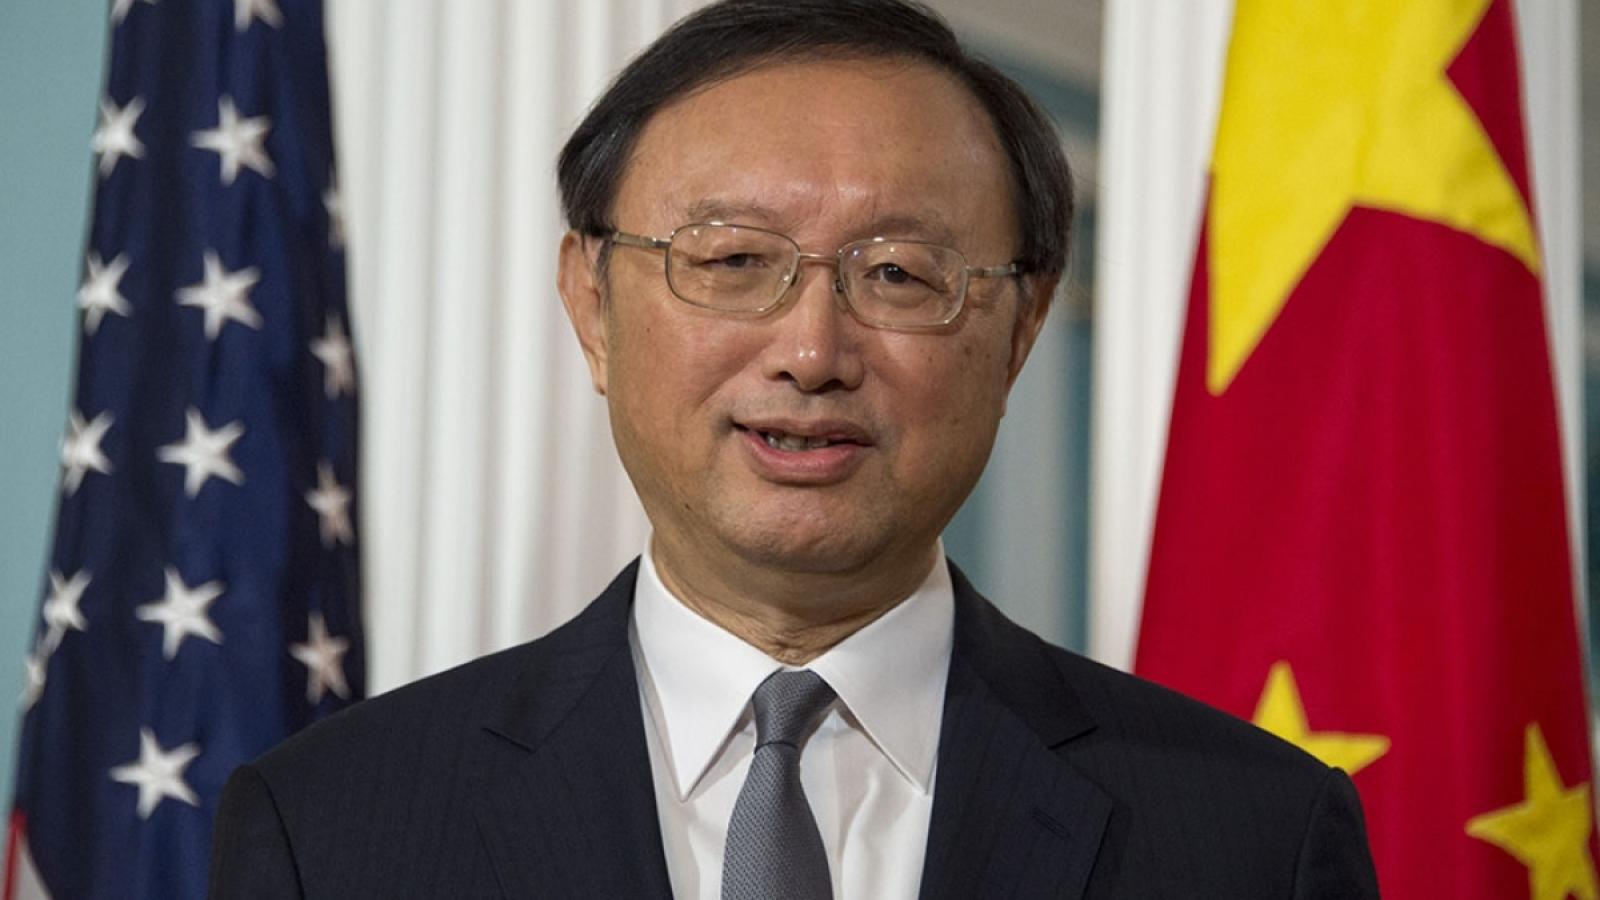 Nhà ngoại giao Trung Quốc Dương Khiết Trì gặp đại diện lưỡng đảng của Mỹ